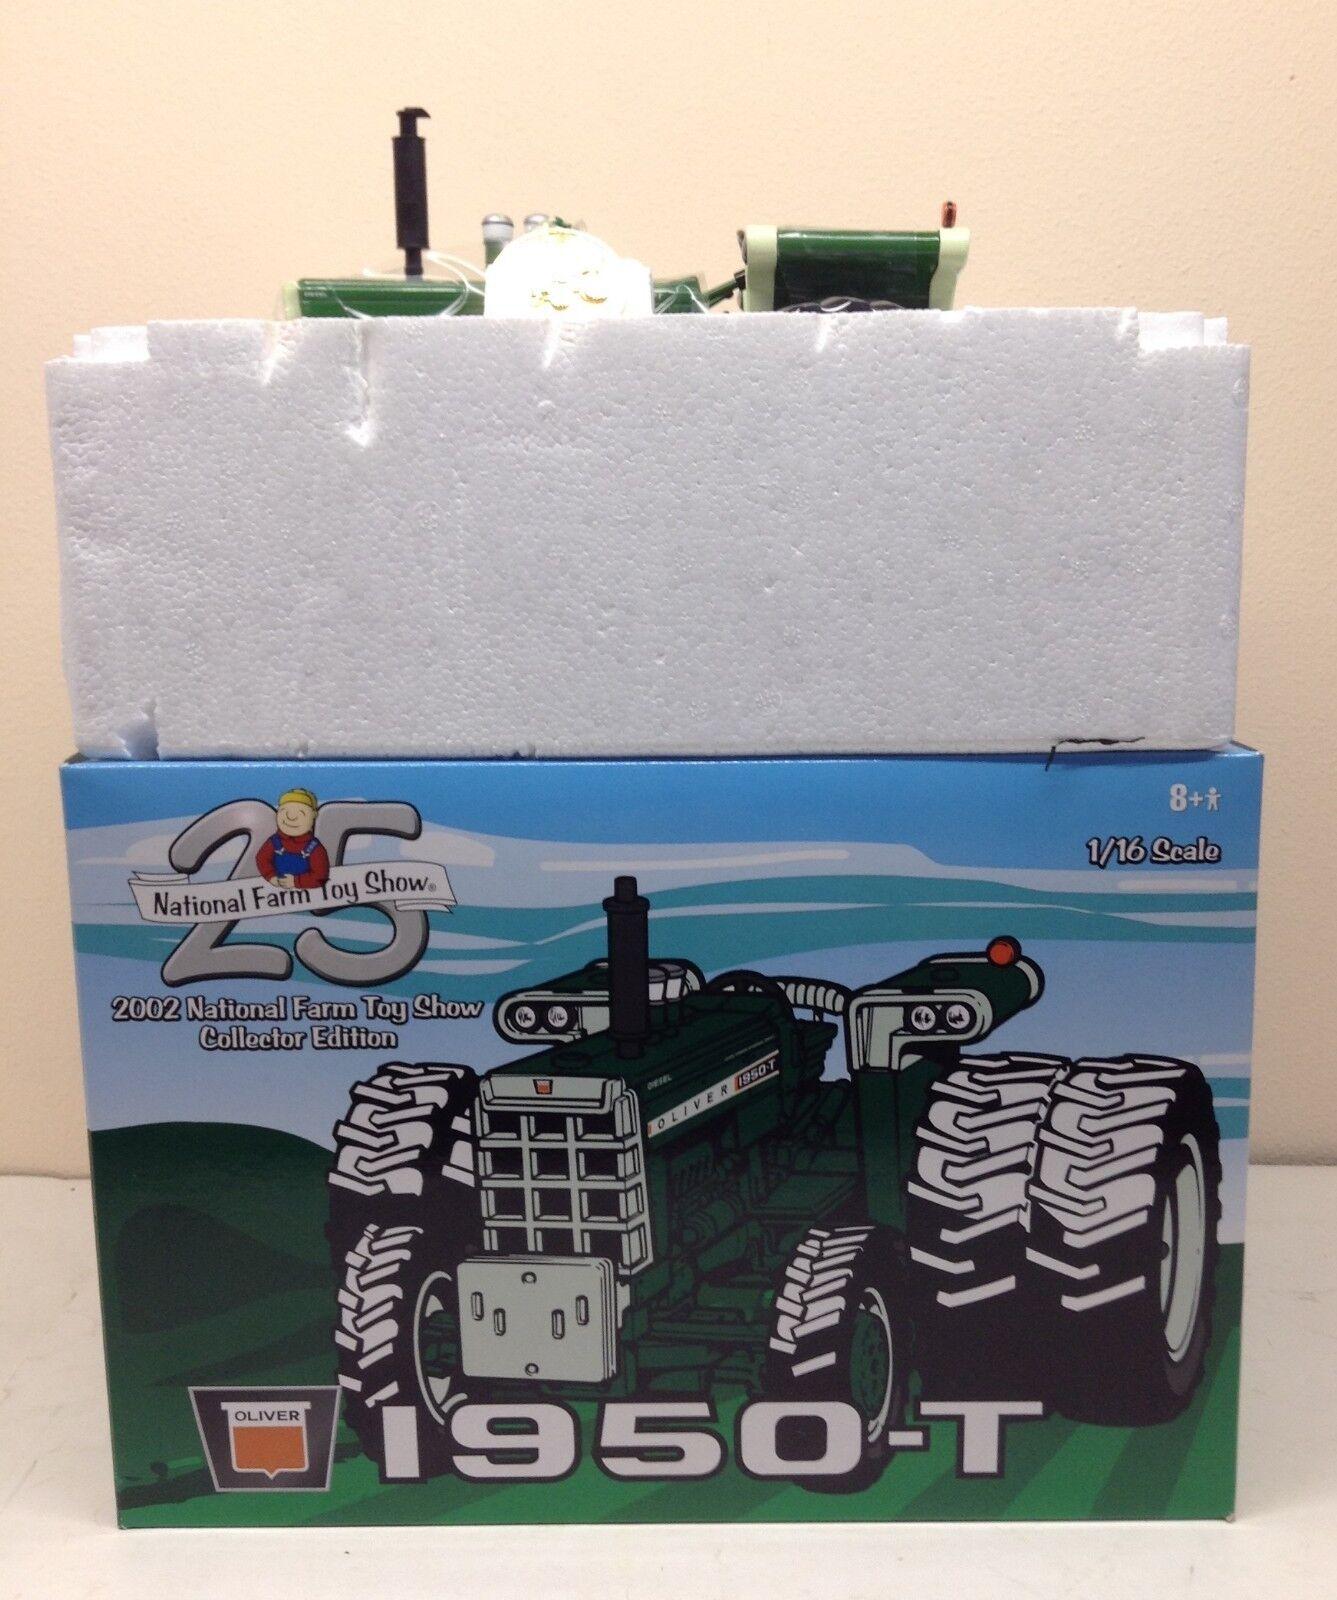 mejor calidad 1 1 1 16 Oliver 1950-T mfwd Tractor Agricultor Granja Nacional De Juguete 2002 Juguete mostrar Nuevas Ertl  buena calidad